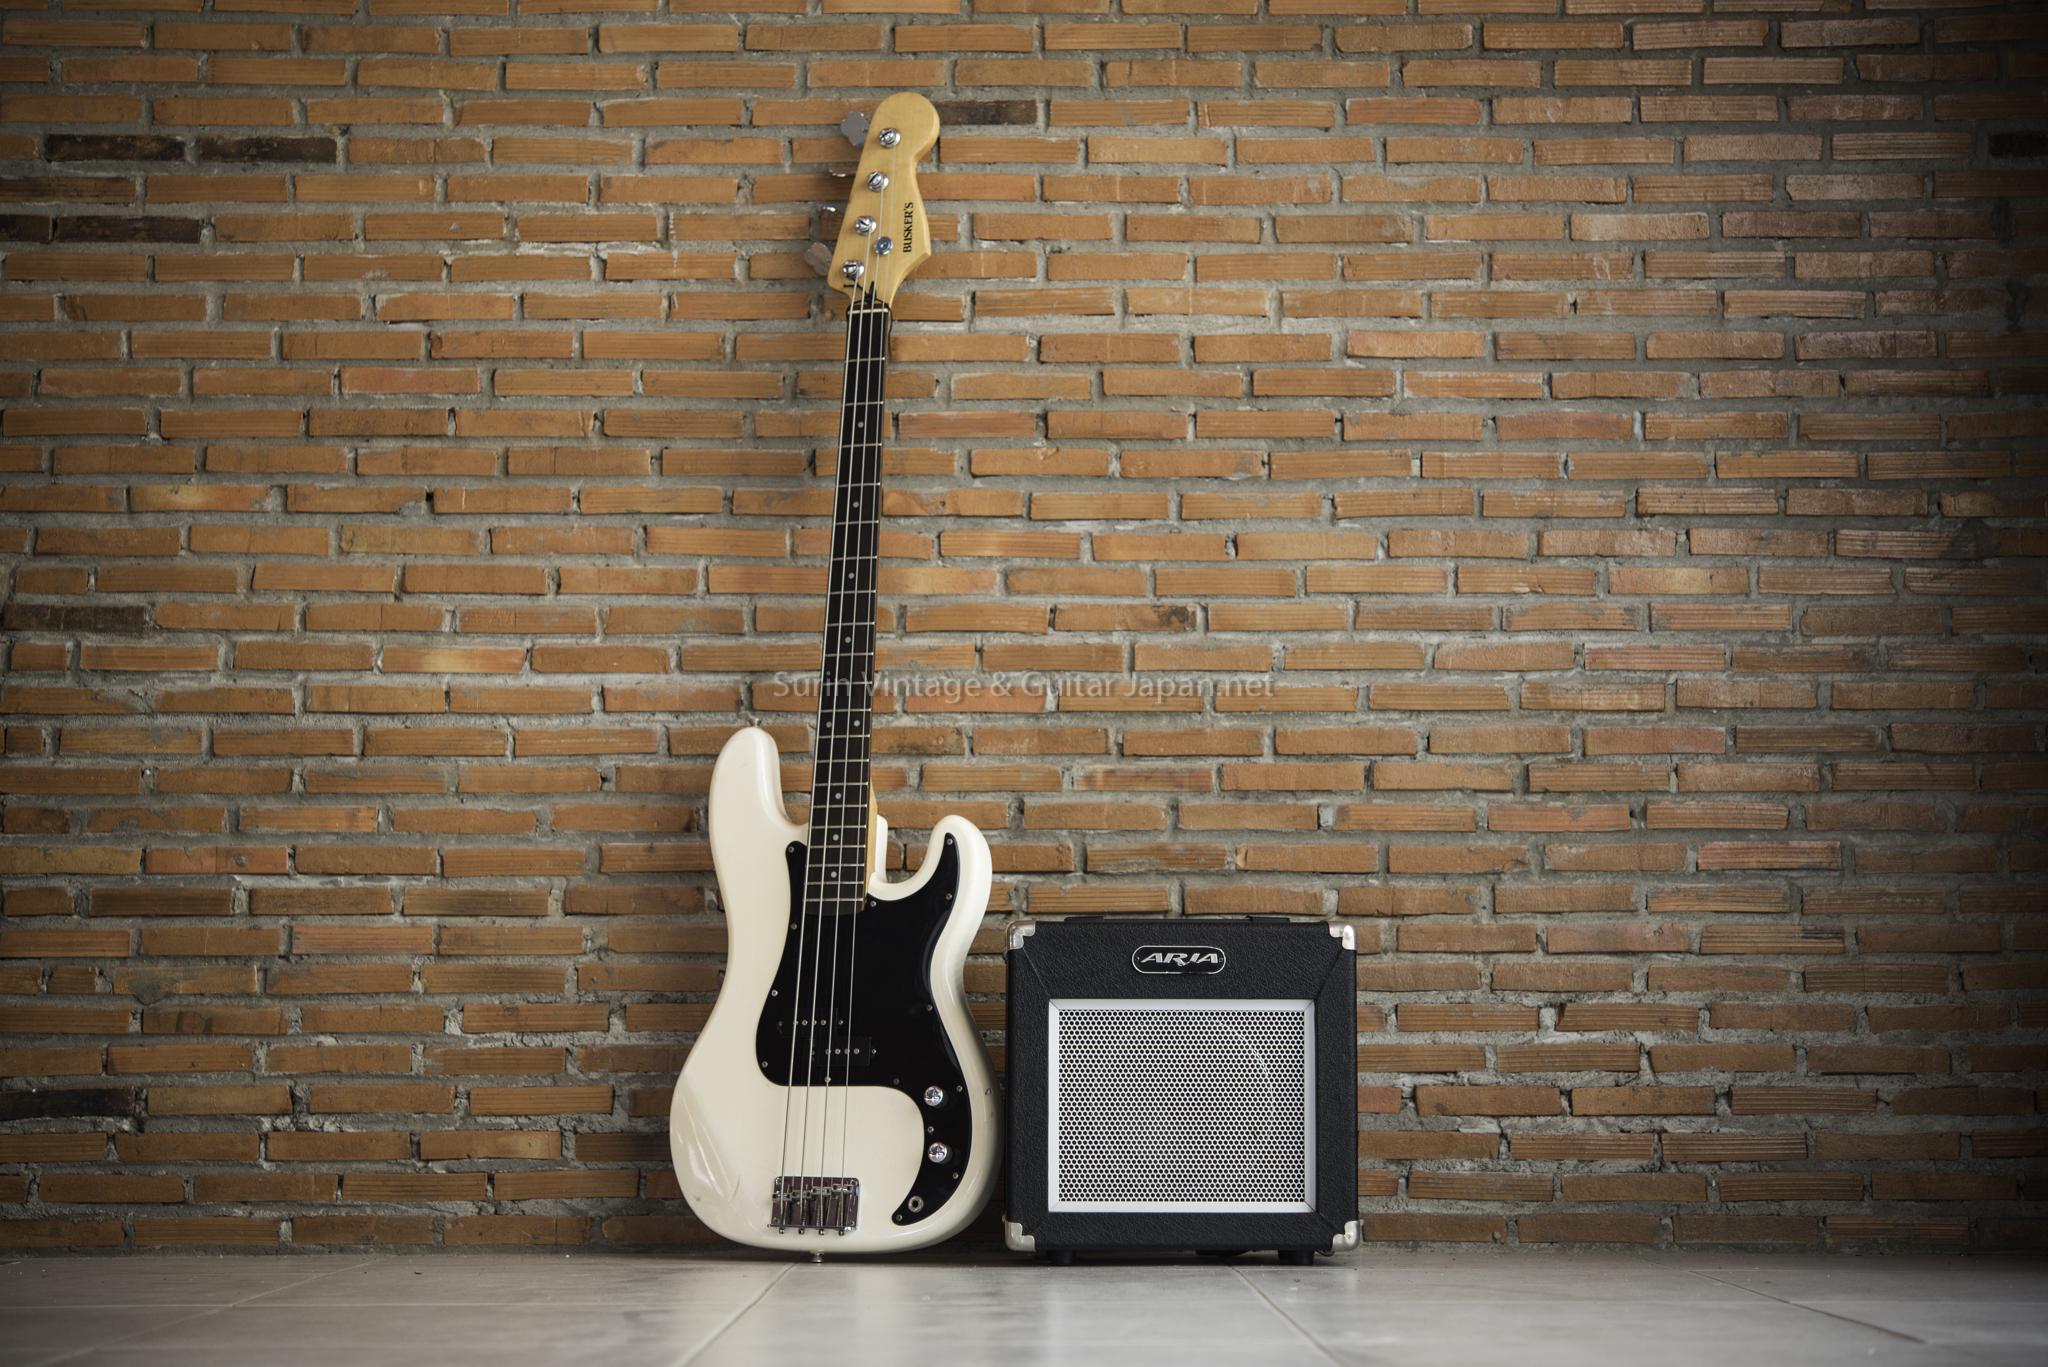 แอมป์เบสไฟฟ้ามือสอง ARIA AB-20 No.3 BassAmp